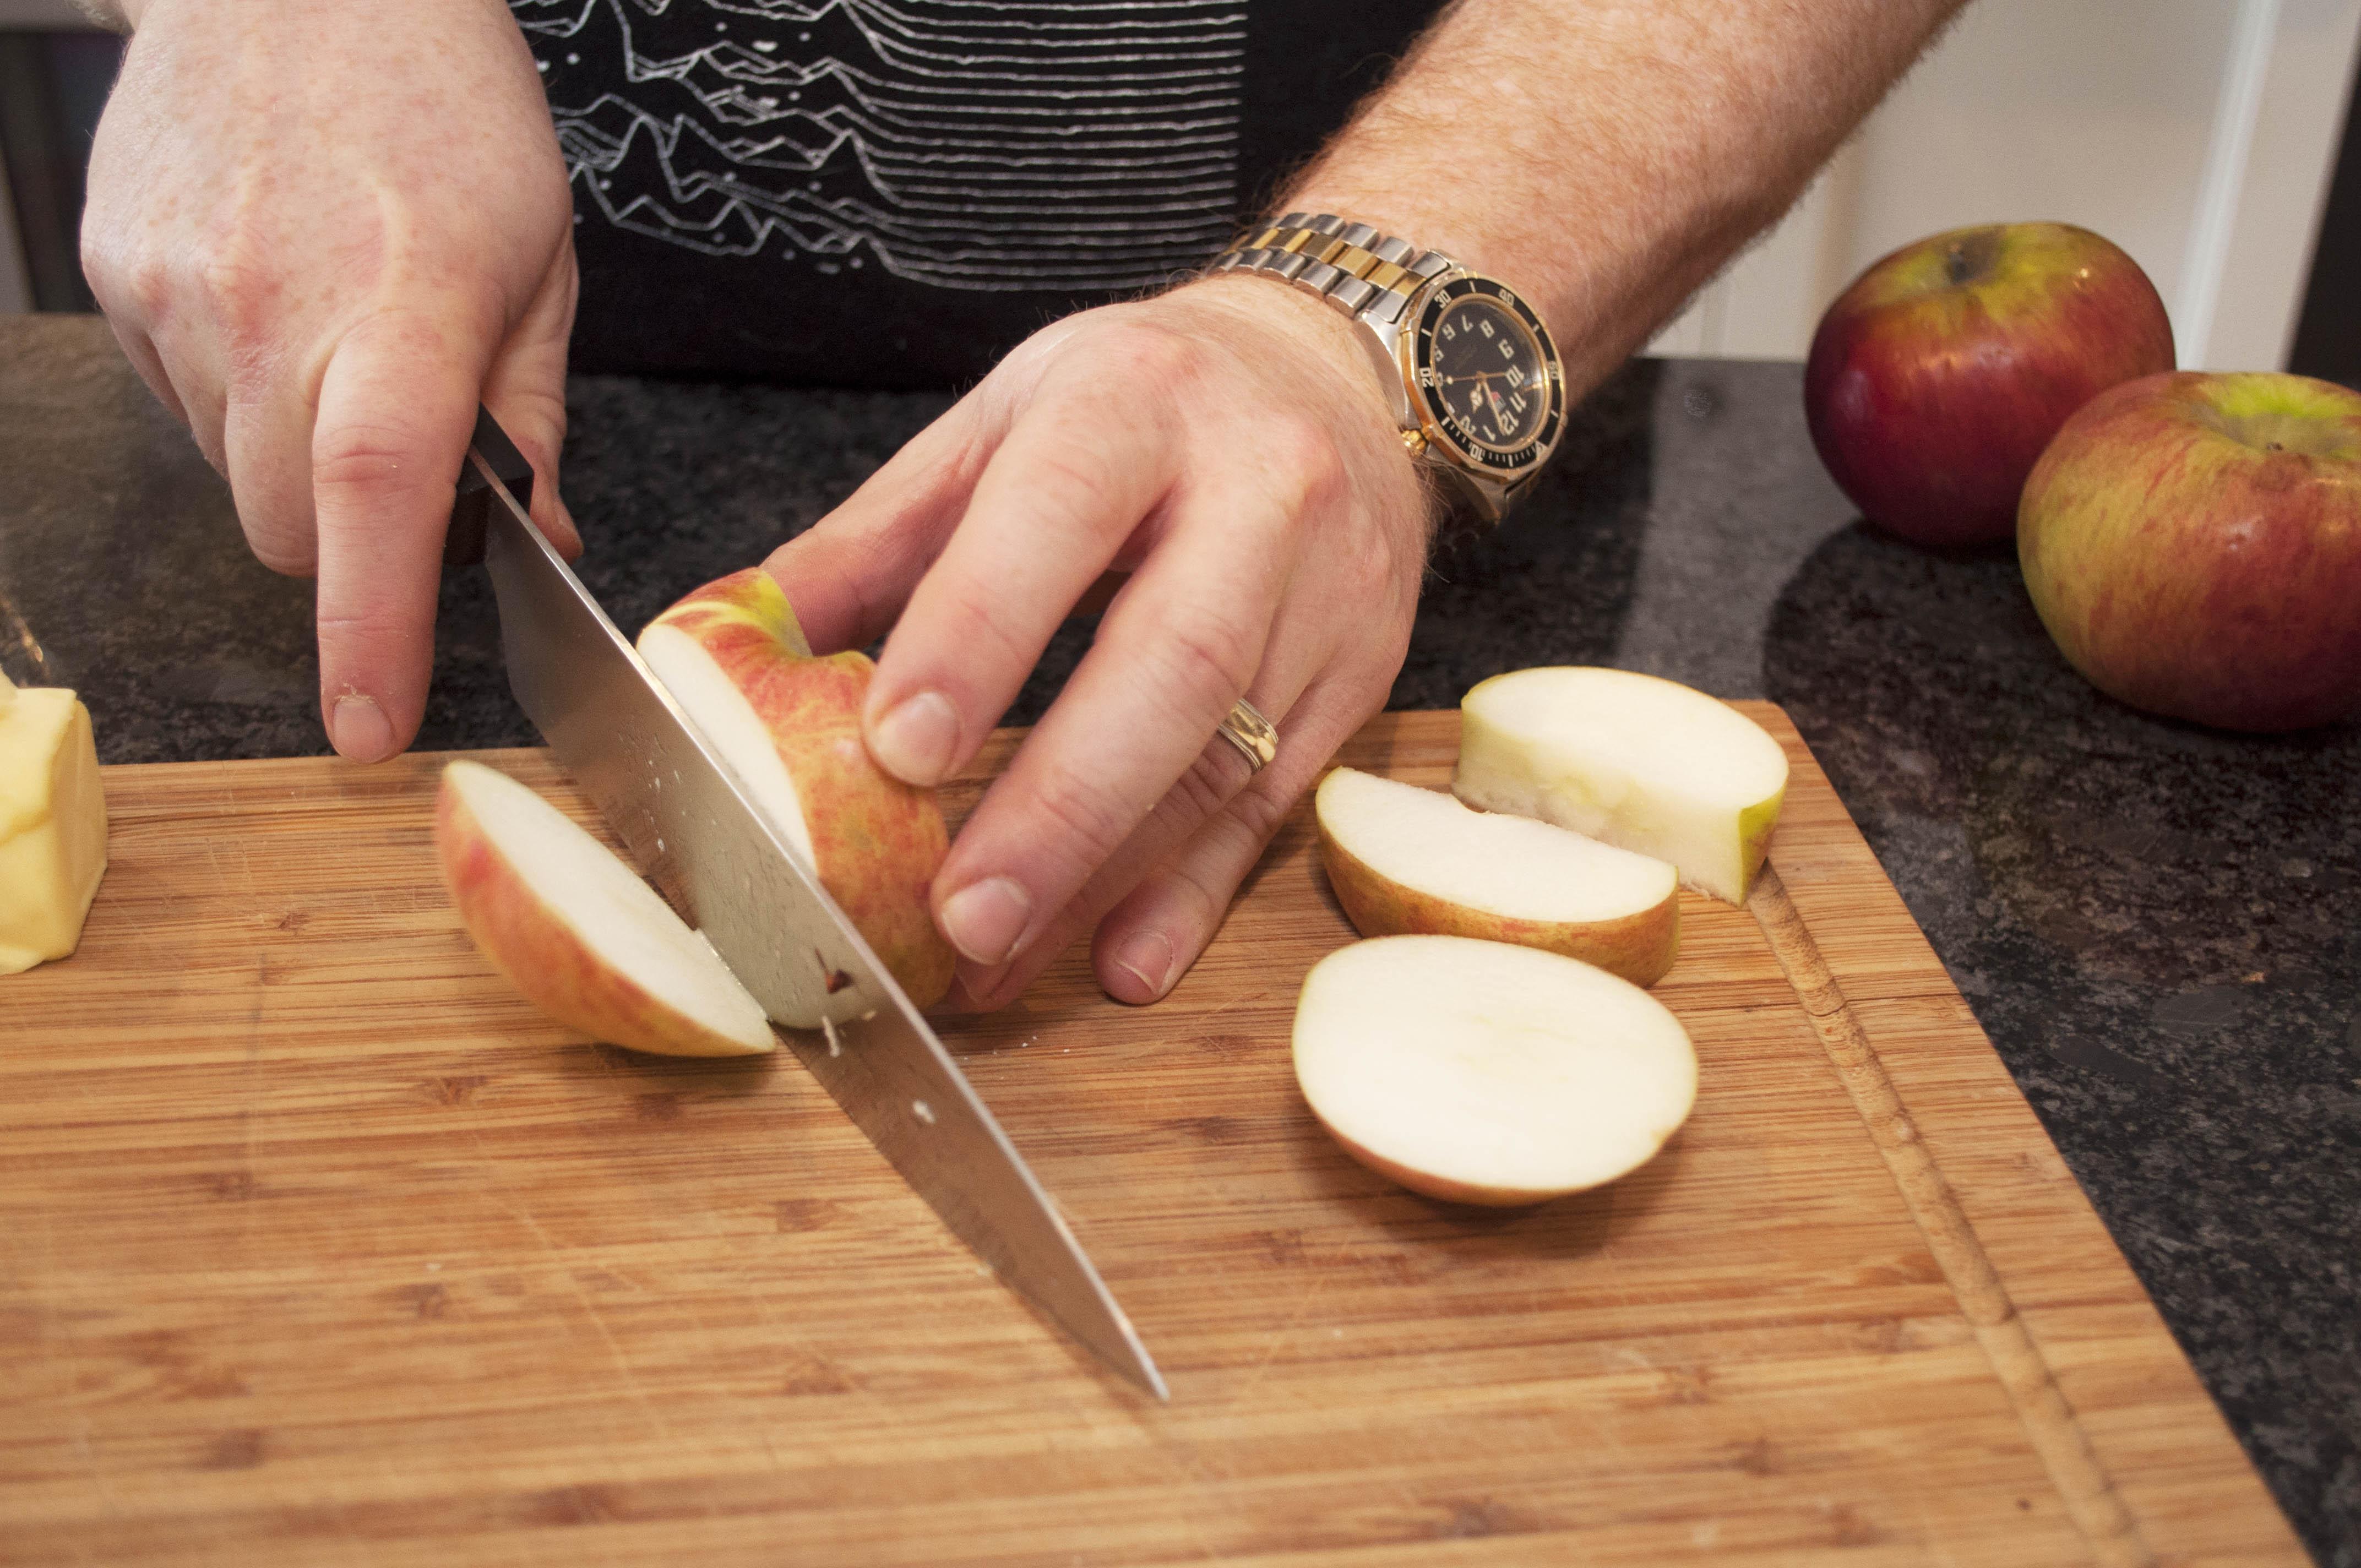 Appelkaka Swedish Apple Cake